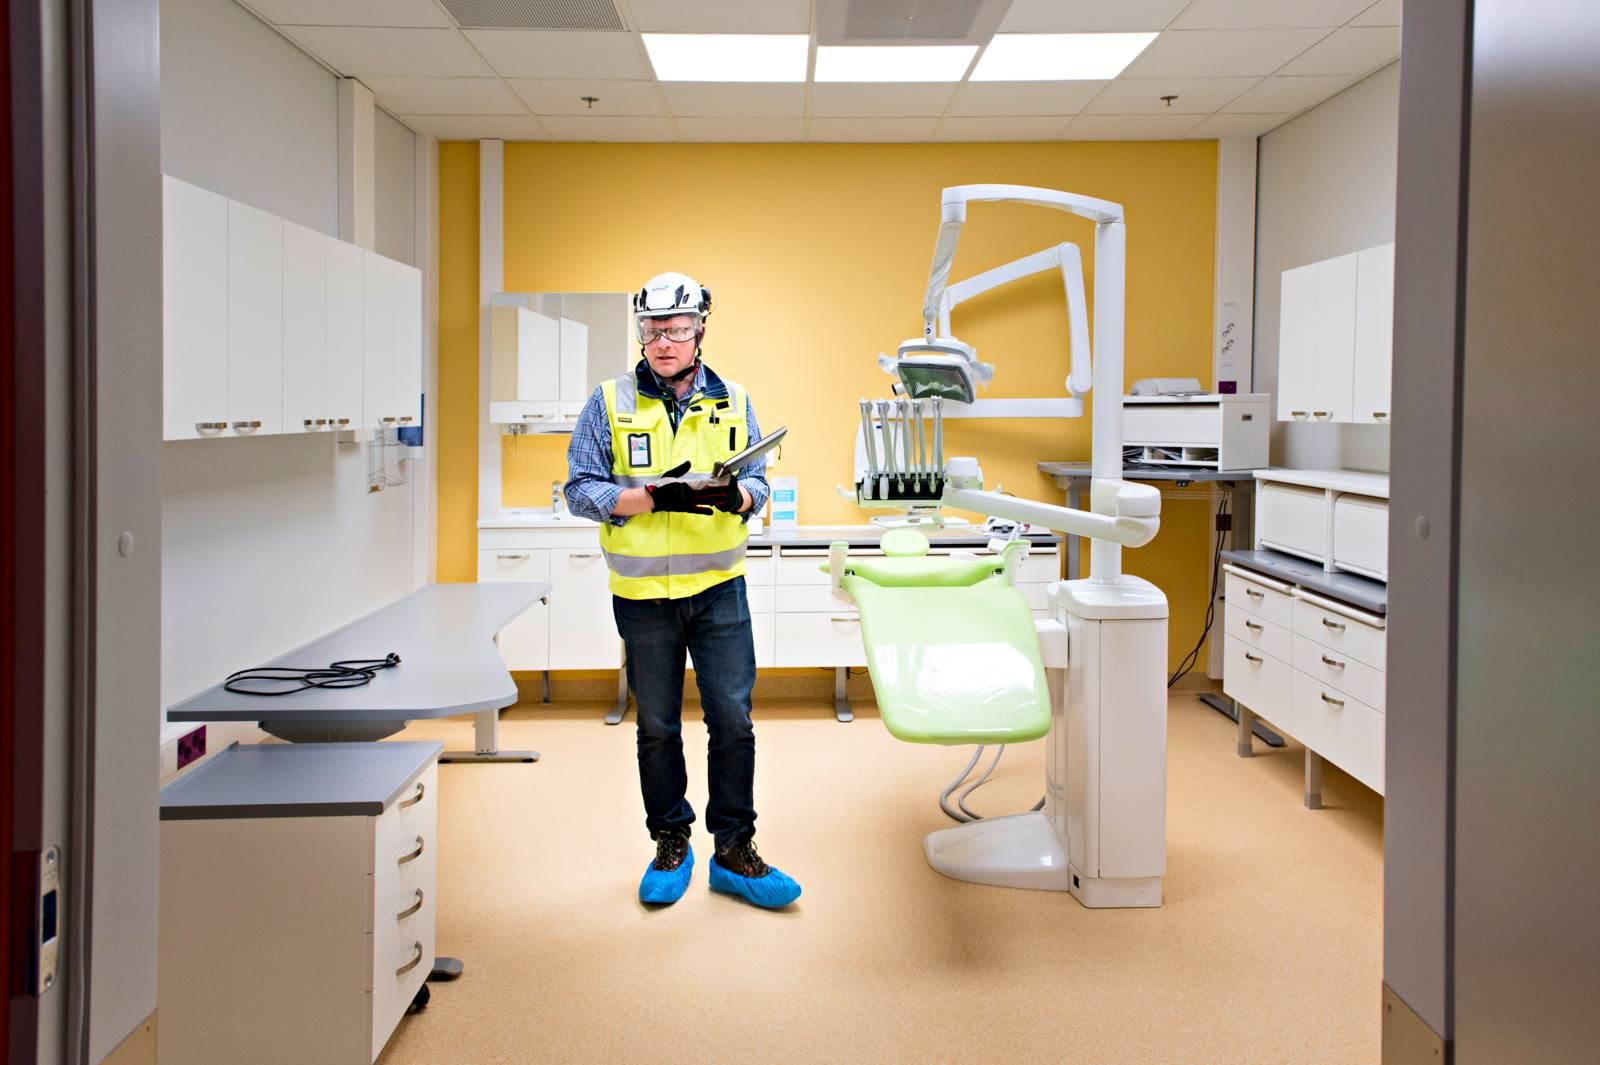 Tulevaisuuden Sairaalassa Hoidetaan Iakkaita Kainuun Uusi